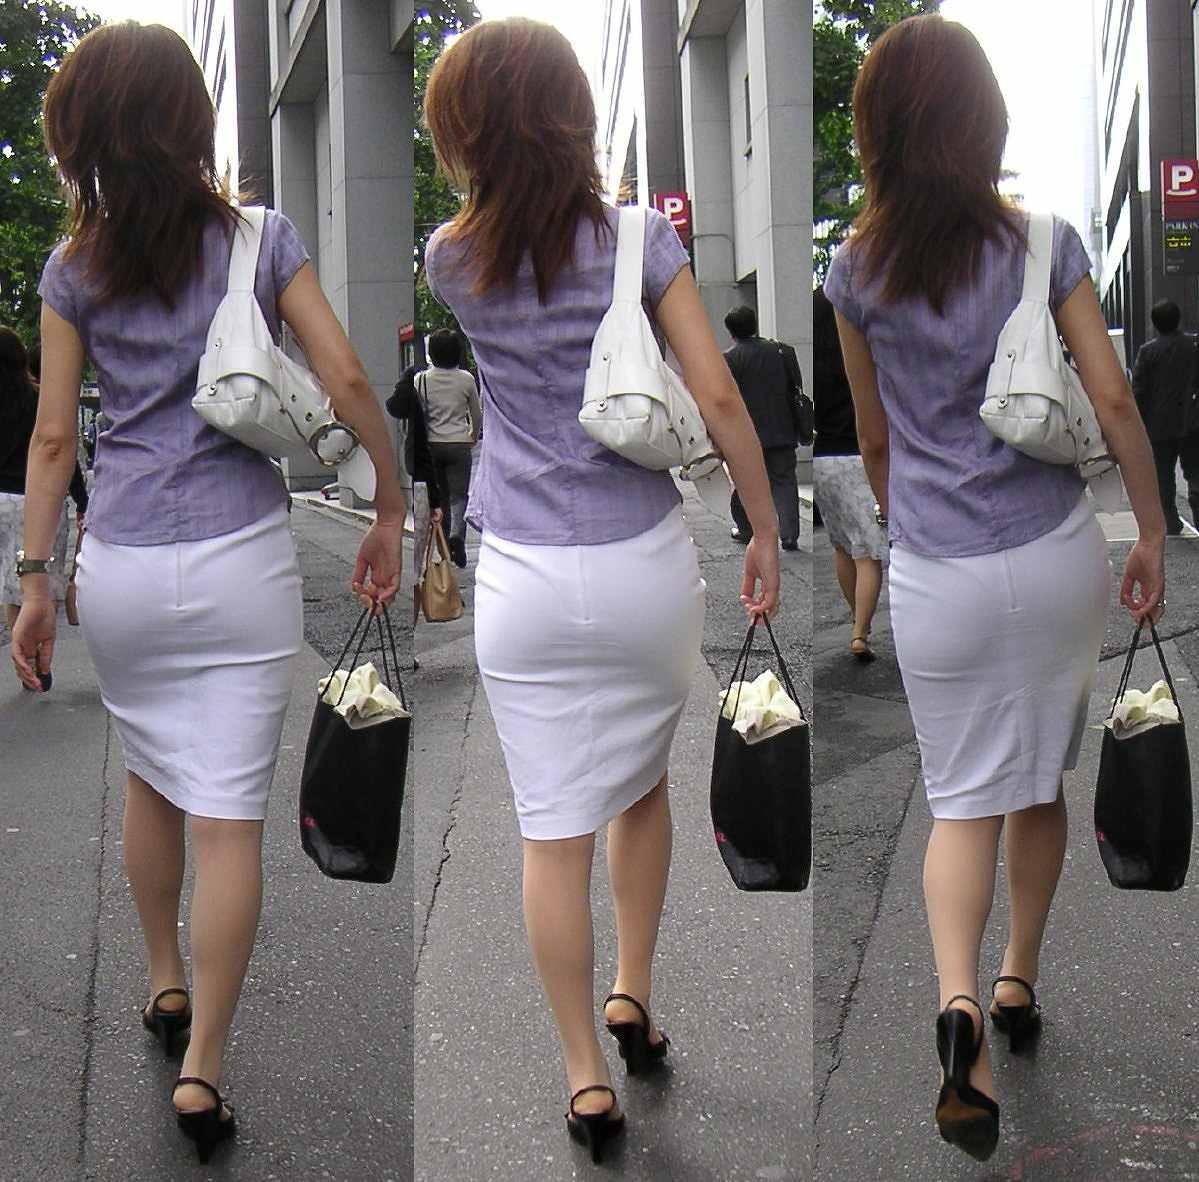 【着尻エロ画像】大きくて揺れるから注目w隠せないタイト姿の街角女尻www 24